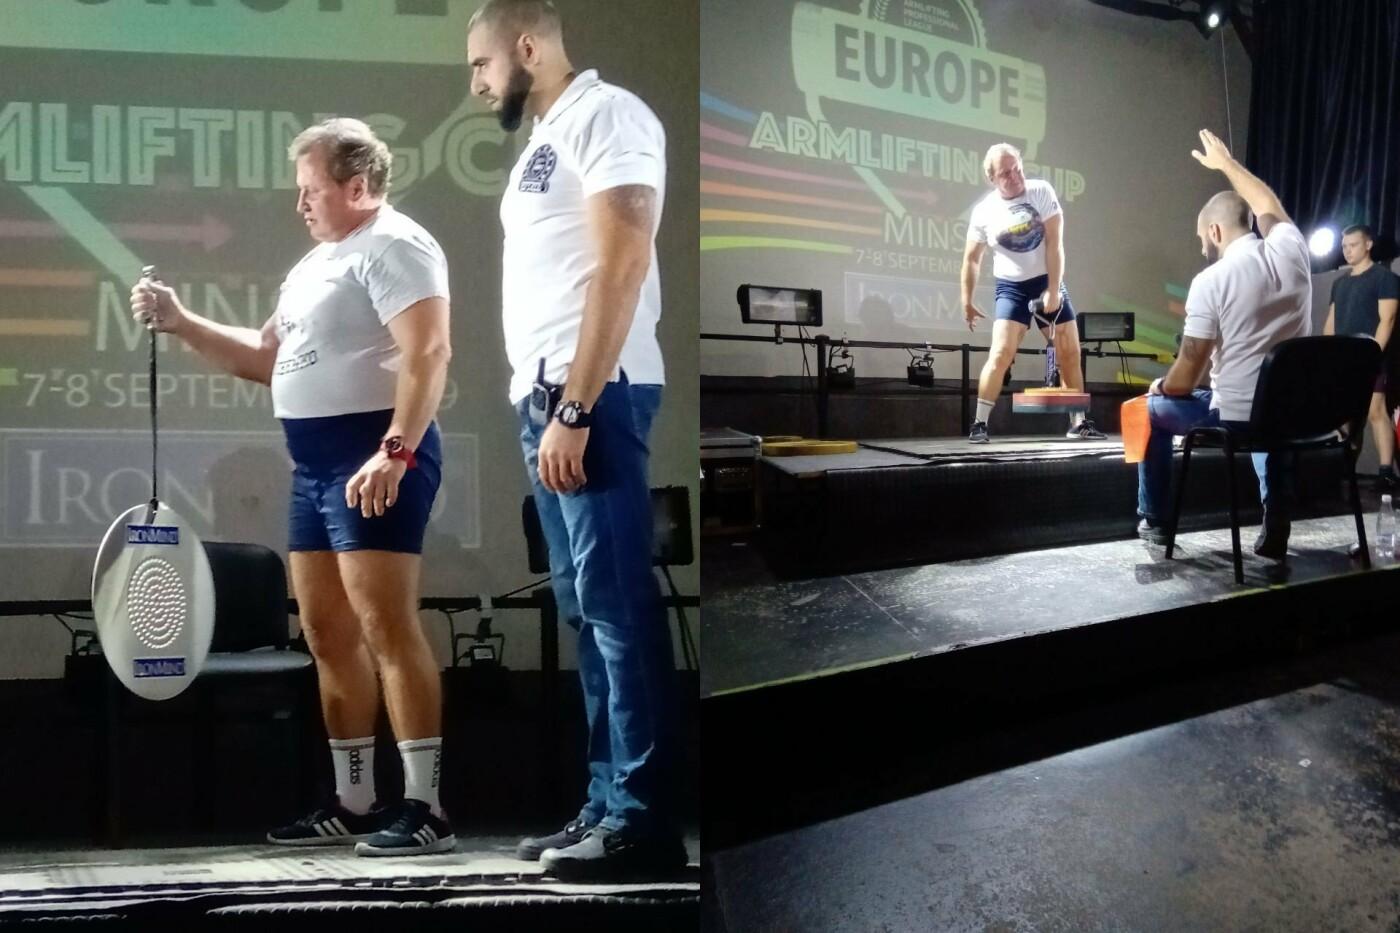 Установила три мировых рекорда: каменчанка стала четырехкратной чемпионкой Кубка Европы поармлифтингу, фото-3